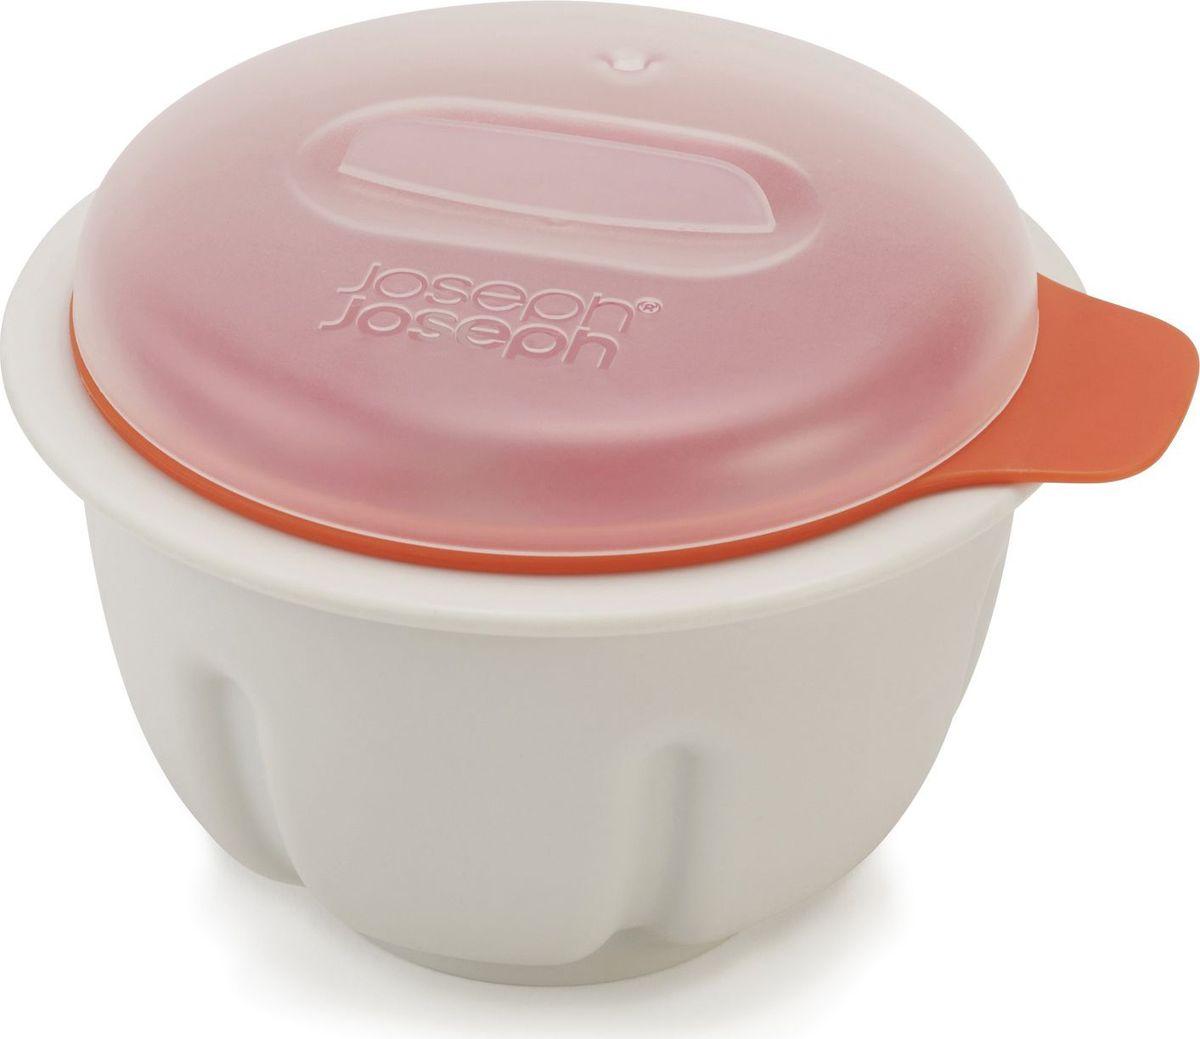 Форма Joseph Joseph M-Cuisine Update, для приготовления яица пашот в СВЧ, цвет: белый45019Шеф-повара знают, что хороший завтрак задает тон всему дню, поэтому к его приготовлению стоит подойти со всей серьёзностью. Одним из самых изысканных и любимых блюд по всему миру по праву считаются яйца-пашот. Дизайнеры Joseph решили максимально упростить приготовление этого блюда в домашних условиях и создали форму M-Cuisine.Благодаря этой форме можно всего за пару минут приготовить яйца-пашот с идеальной текстурой и насыщенным вкусом в микроволновой печи. Для приготовления понадобится лишь вода и специи по вкусу.В комплект также входит: - Мини-дуршлаг для простоты сервировки - Крышка, удерживающая брызги - Подробная инструкция по приготовлению